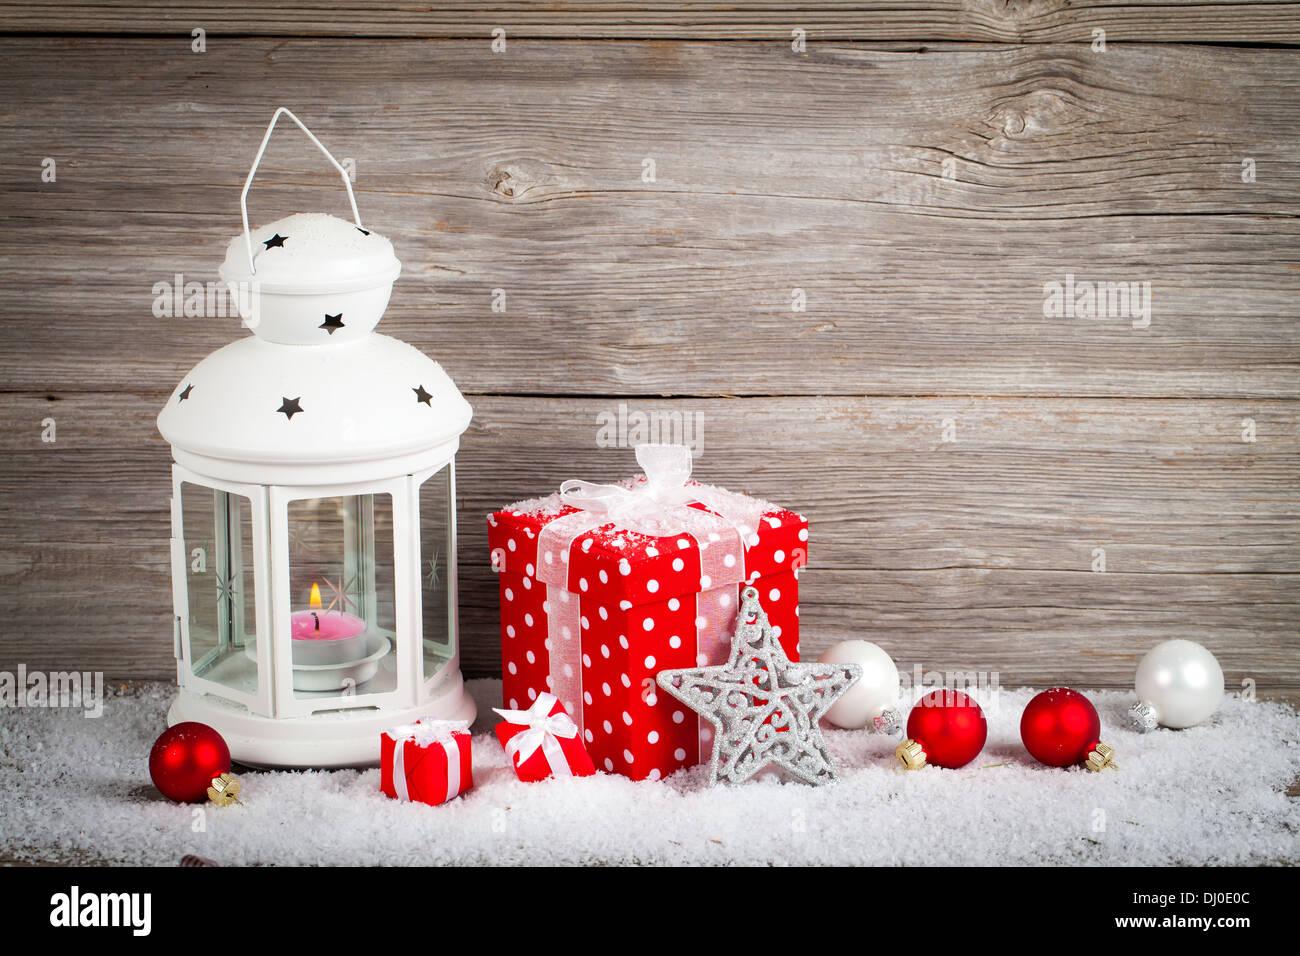 Laterne Im Schnee Mit Weihnachtsdekoration Auf Holz Hintergrund Brennen,